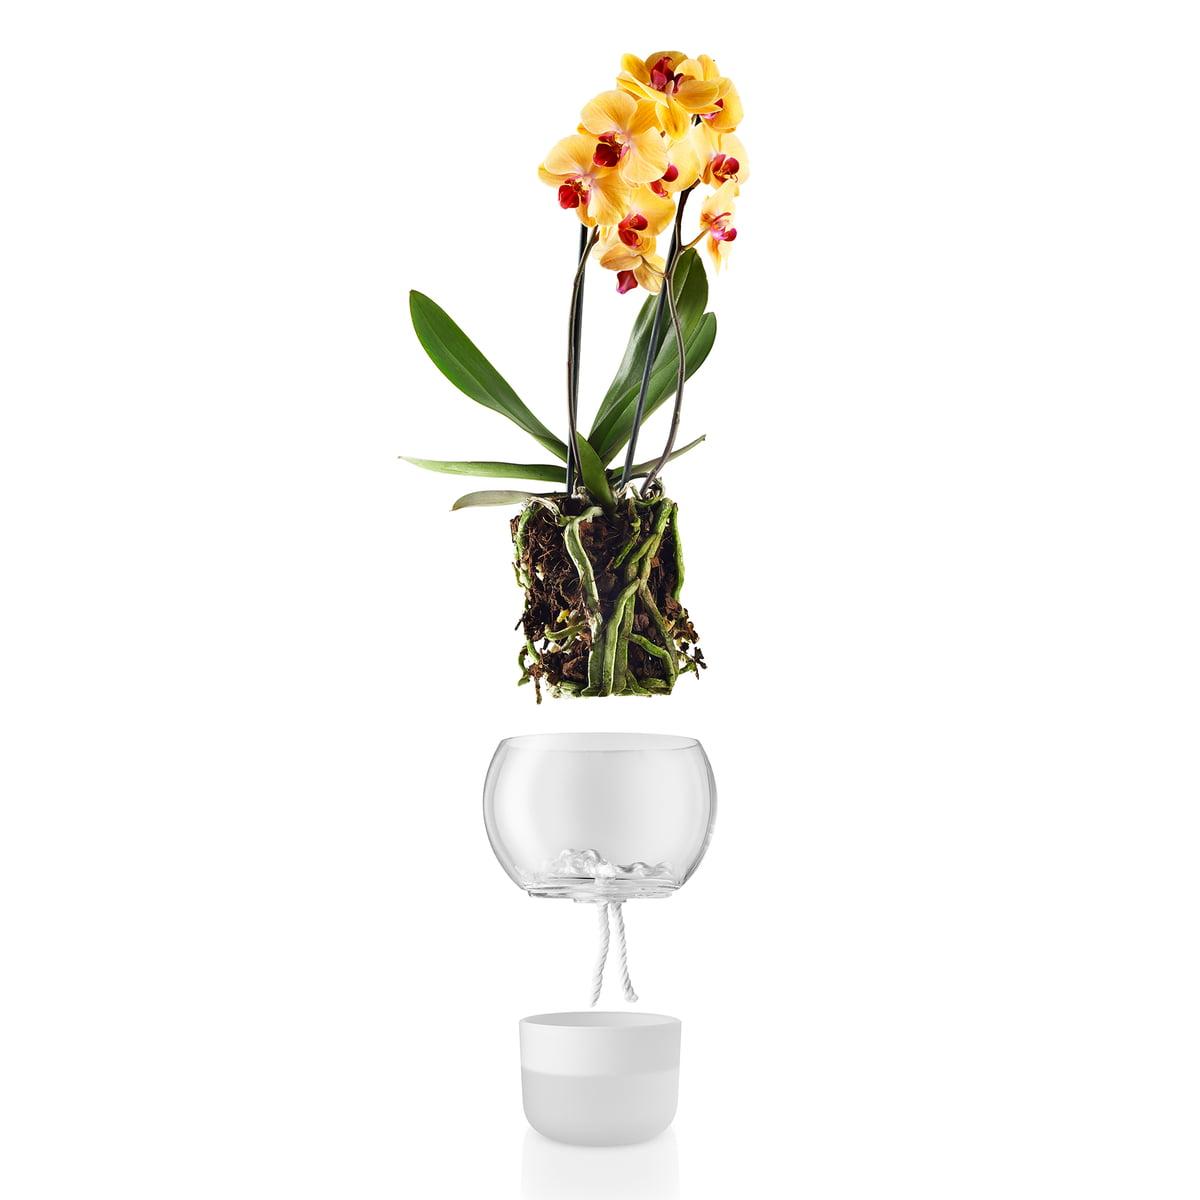 Self watering flower pot by eva solo self watering flower pot for orchids 15 cm by eva solo reviewsmspy